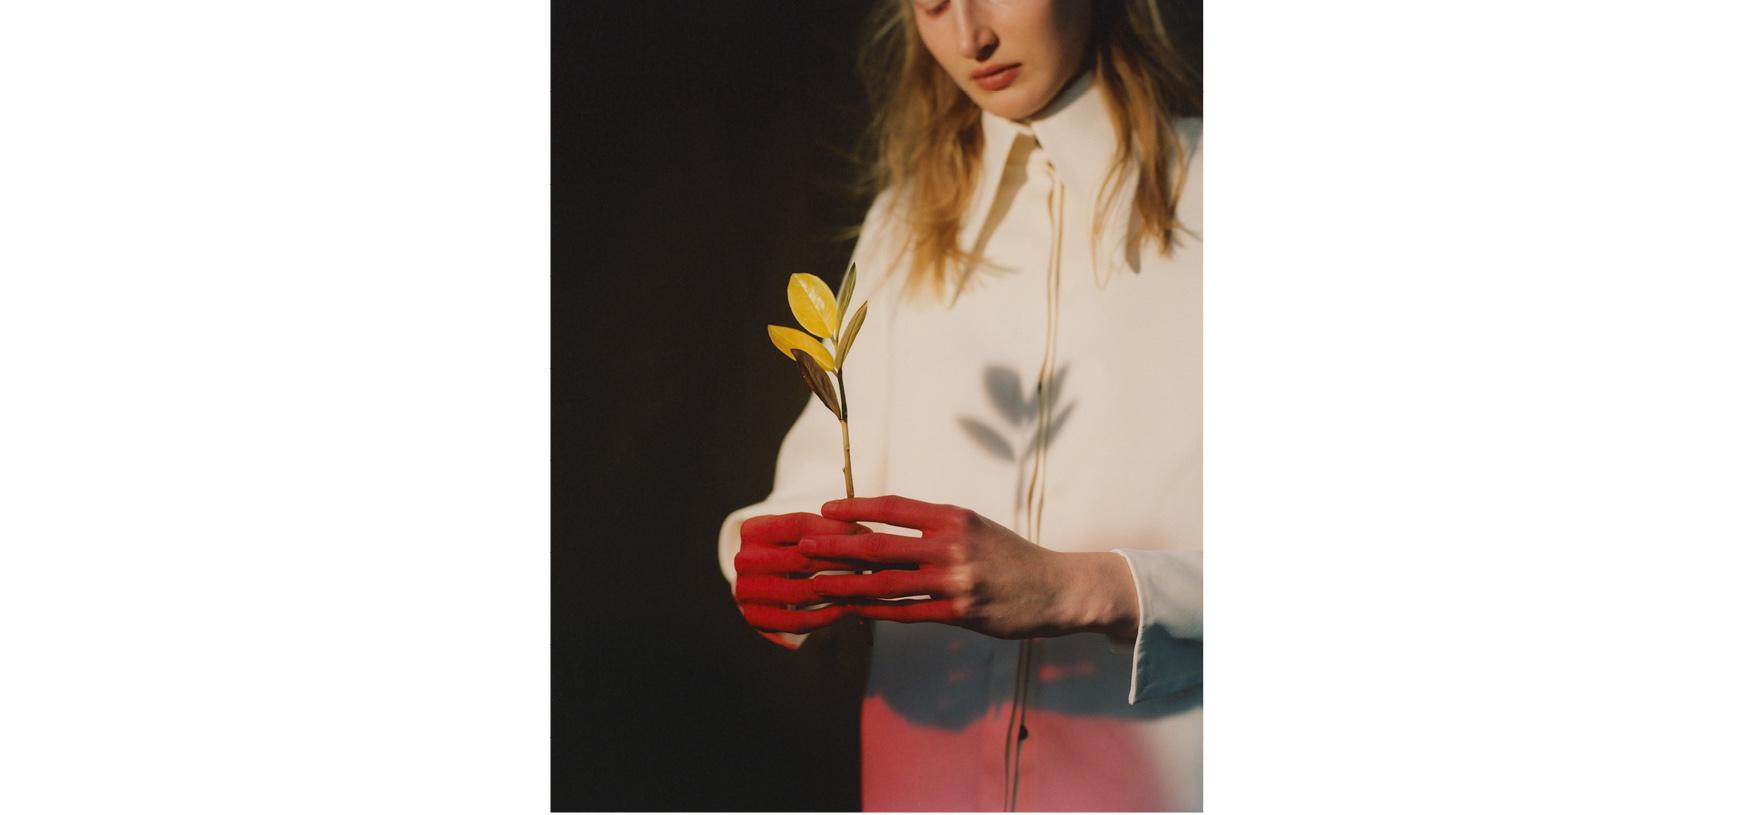 Lissome-Jack-Johnstone-Sustainable-Fashion15.jpg